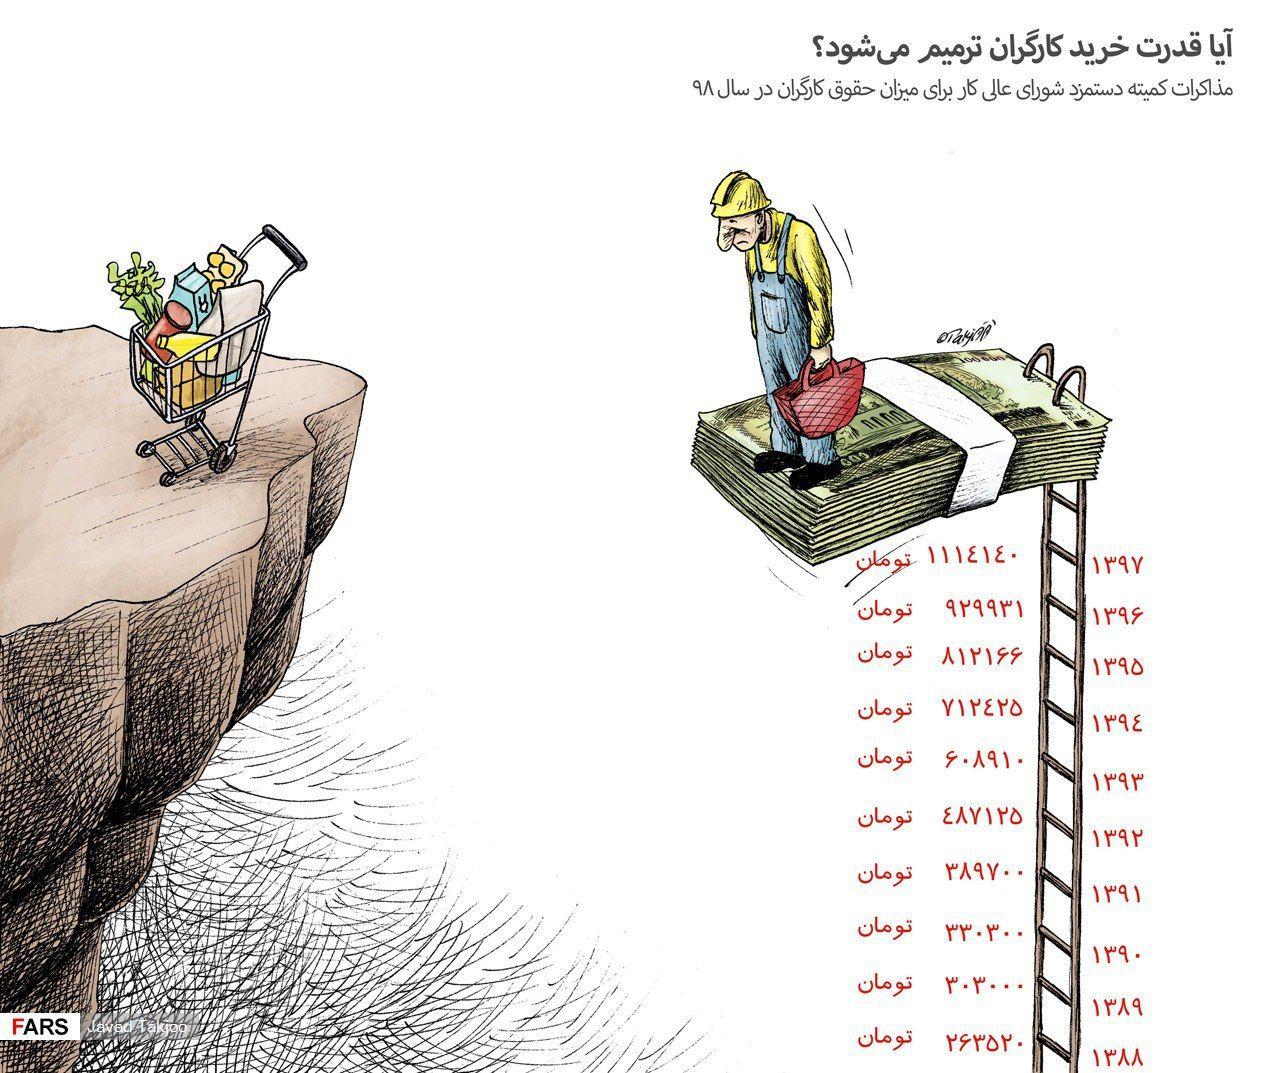 عکس خبري - آيا قدرت خريد کارگران ترميم مي شود؟!